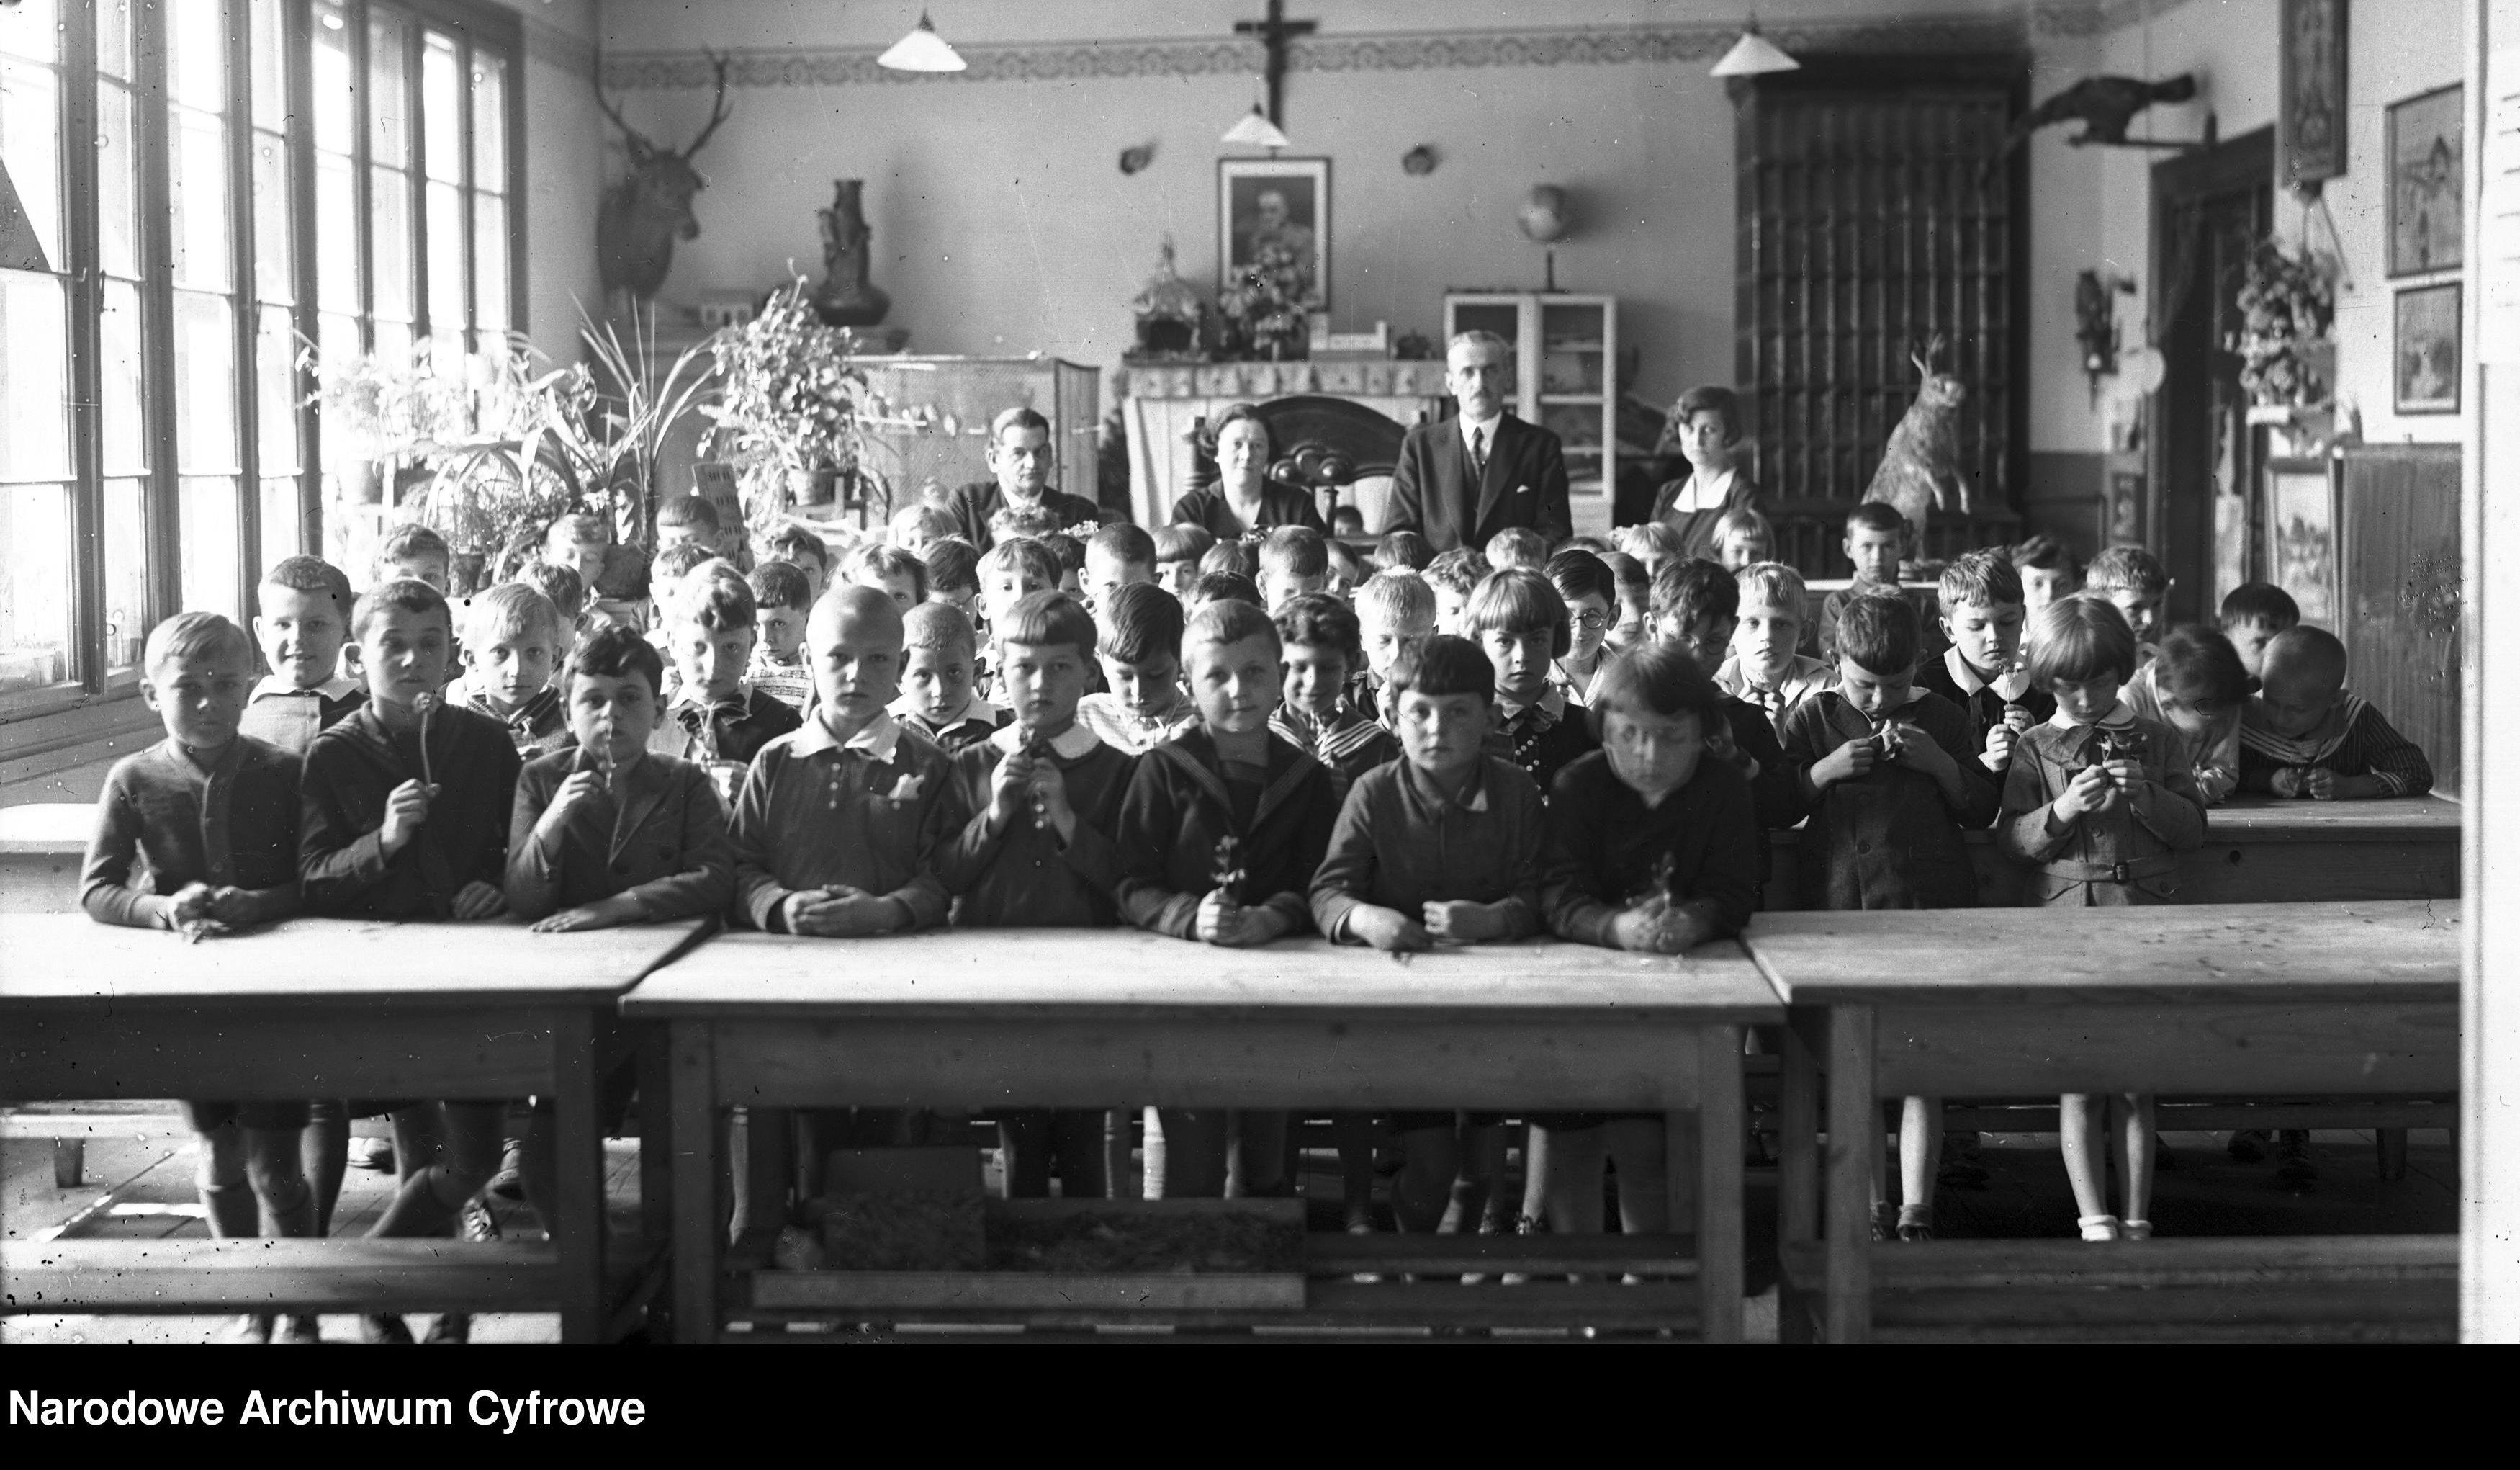 Tak dawniej wyglądała nauka w szkole. Zobaczcie archiwalne fotografie [ZDJĘCIA] - Zdjęcie główne